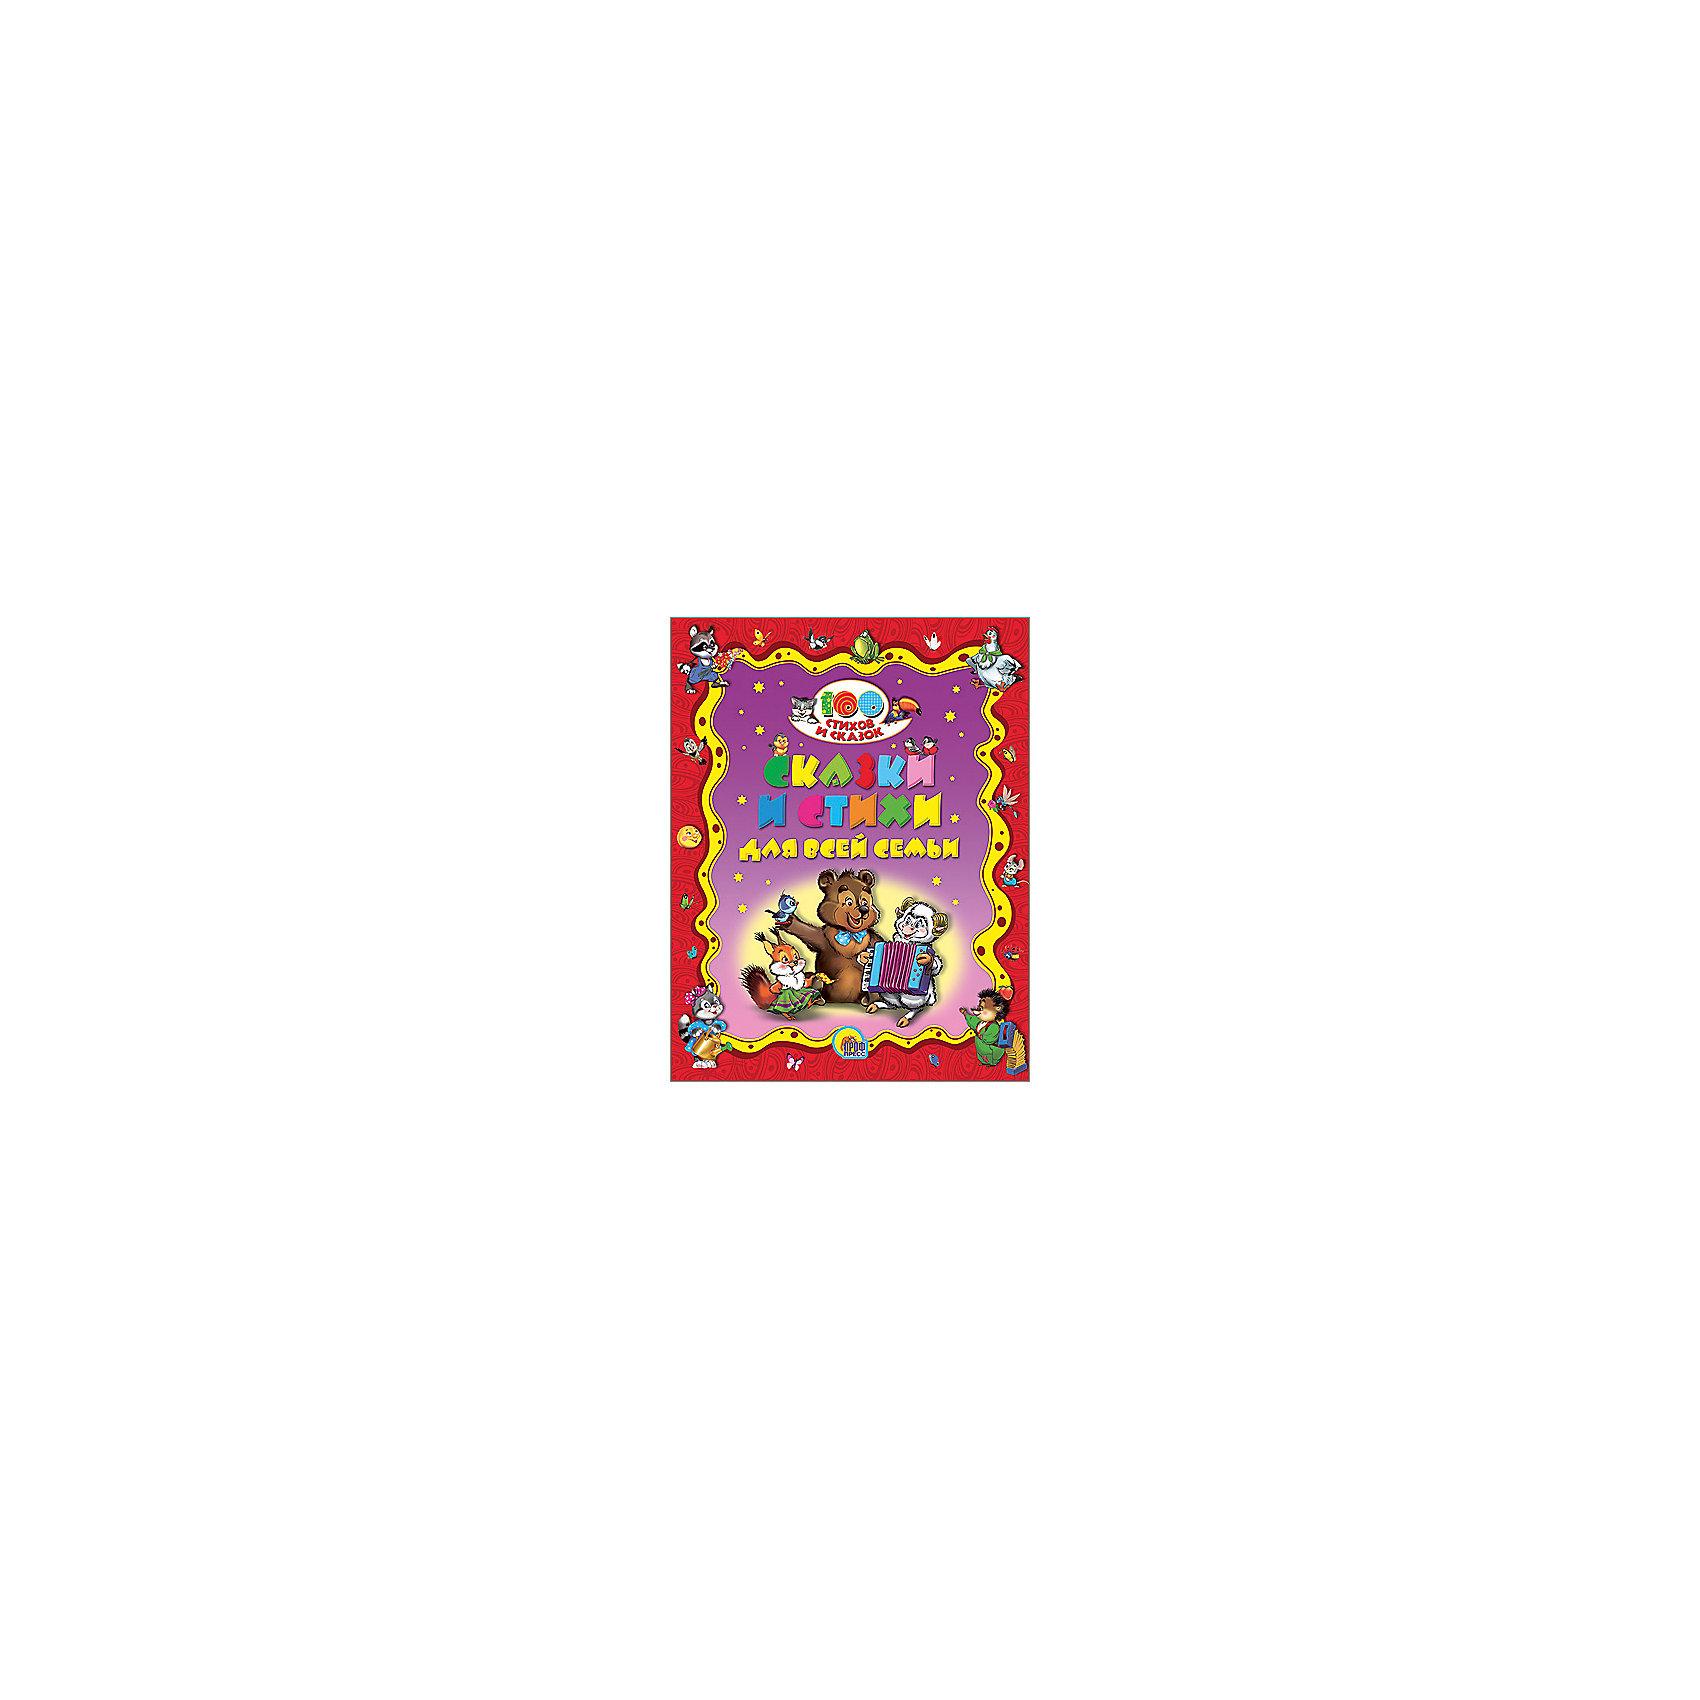 Сказки и стихи для всей семьи,100 стихов и сказокСтихи<br>Сказки и стихи для всей семьи - настоящий подарок для детей и родителей. В этой книге собраны лучшие русские потешки, басни и сказки, а также сказки народов мира. Яркие иллюстрации и множество жанров, собранных в книге откроют для ребенка увлекательный мир чтения!<br>Дополнительная информация:<br>Издательство: Проф-Пресс<br>Художник: Н. Бубликова<br>Год выпуска: 2016<br>Серия: 100 стихов и сказок<br>Обложка: твердый переплет<br>Иллюстрации: цветные<br>Количество страниц: 368<br>ISBN:978-5-378-18646-4<br>Размер: 19х3х20,5 см<br>Вес: 950 грамм<br>Книгу Сказки и стихи для всей семьи вы можете приобрести в нашем интернет-магазине.<br><br>Ширина мм: 205<br>Глубина мм: 30<br>Высота мм: 190<br>Вес г: 950<br>Возраст от месяцев: 0<br>Возраст до месяцев: 36<br>Пол: Унисекс<br>Возраст: Детский<br>SKU: 4905868